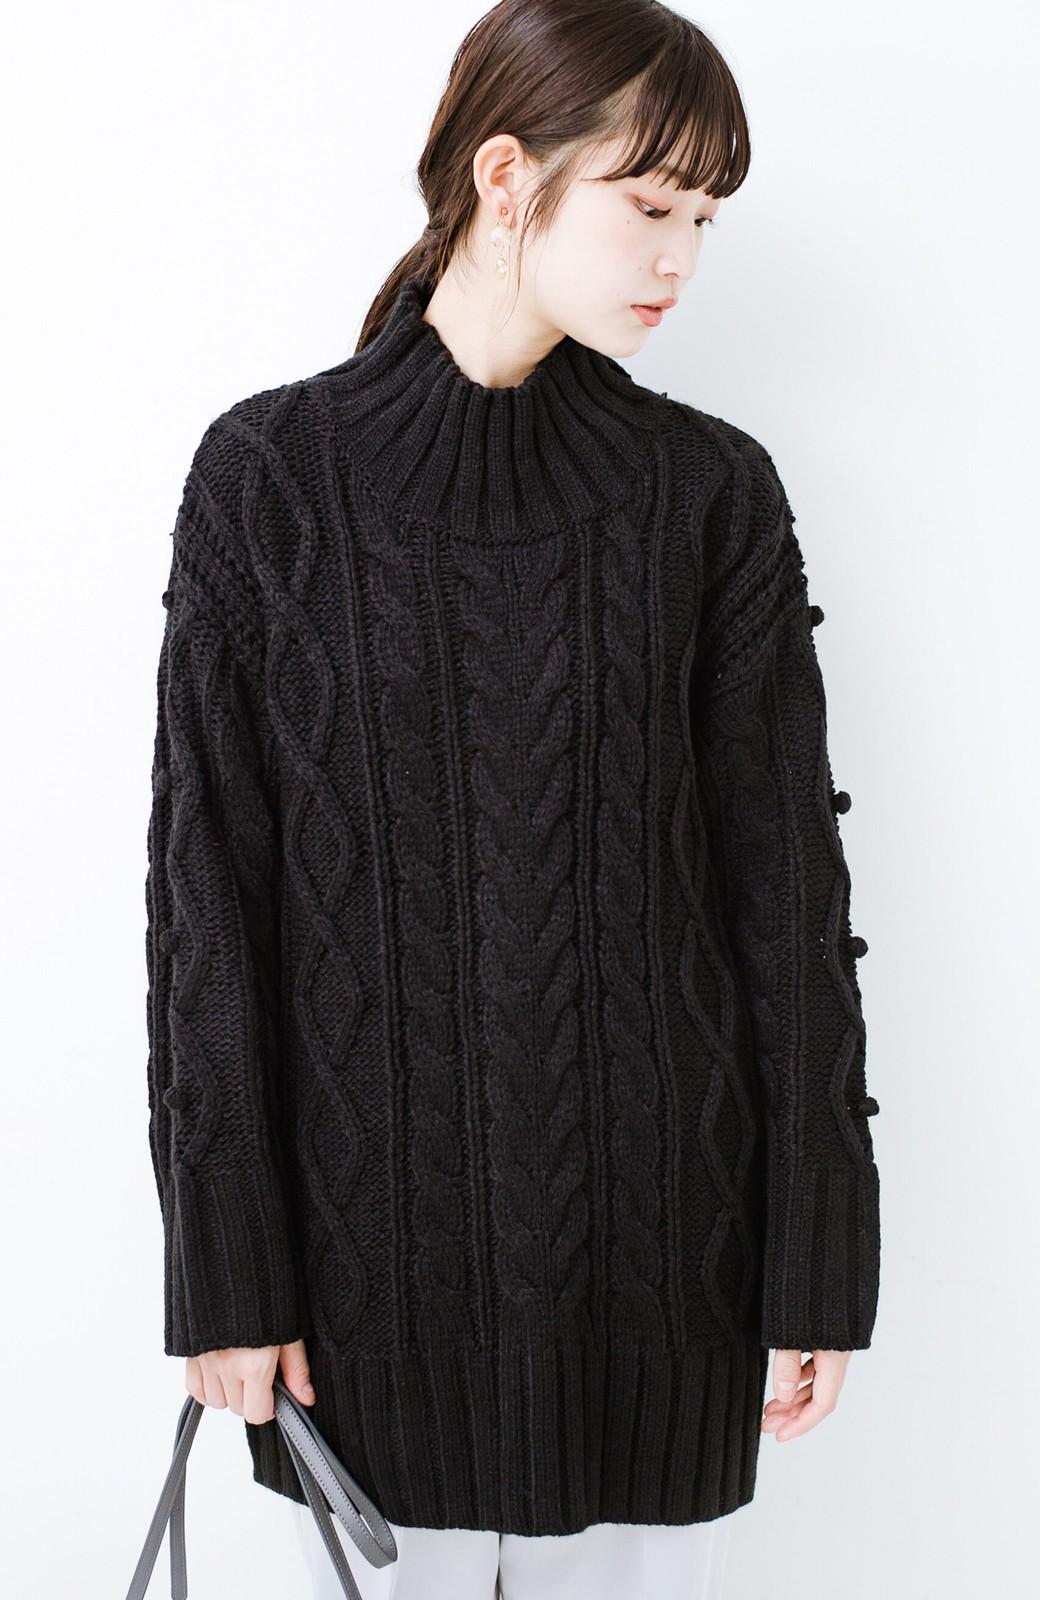 haco! ざっくり編みは女の子がかわいく見えるってよ(噂)パプコーンローゲージニット <ブラック>の商品写真6